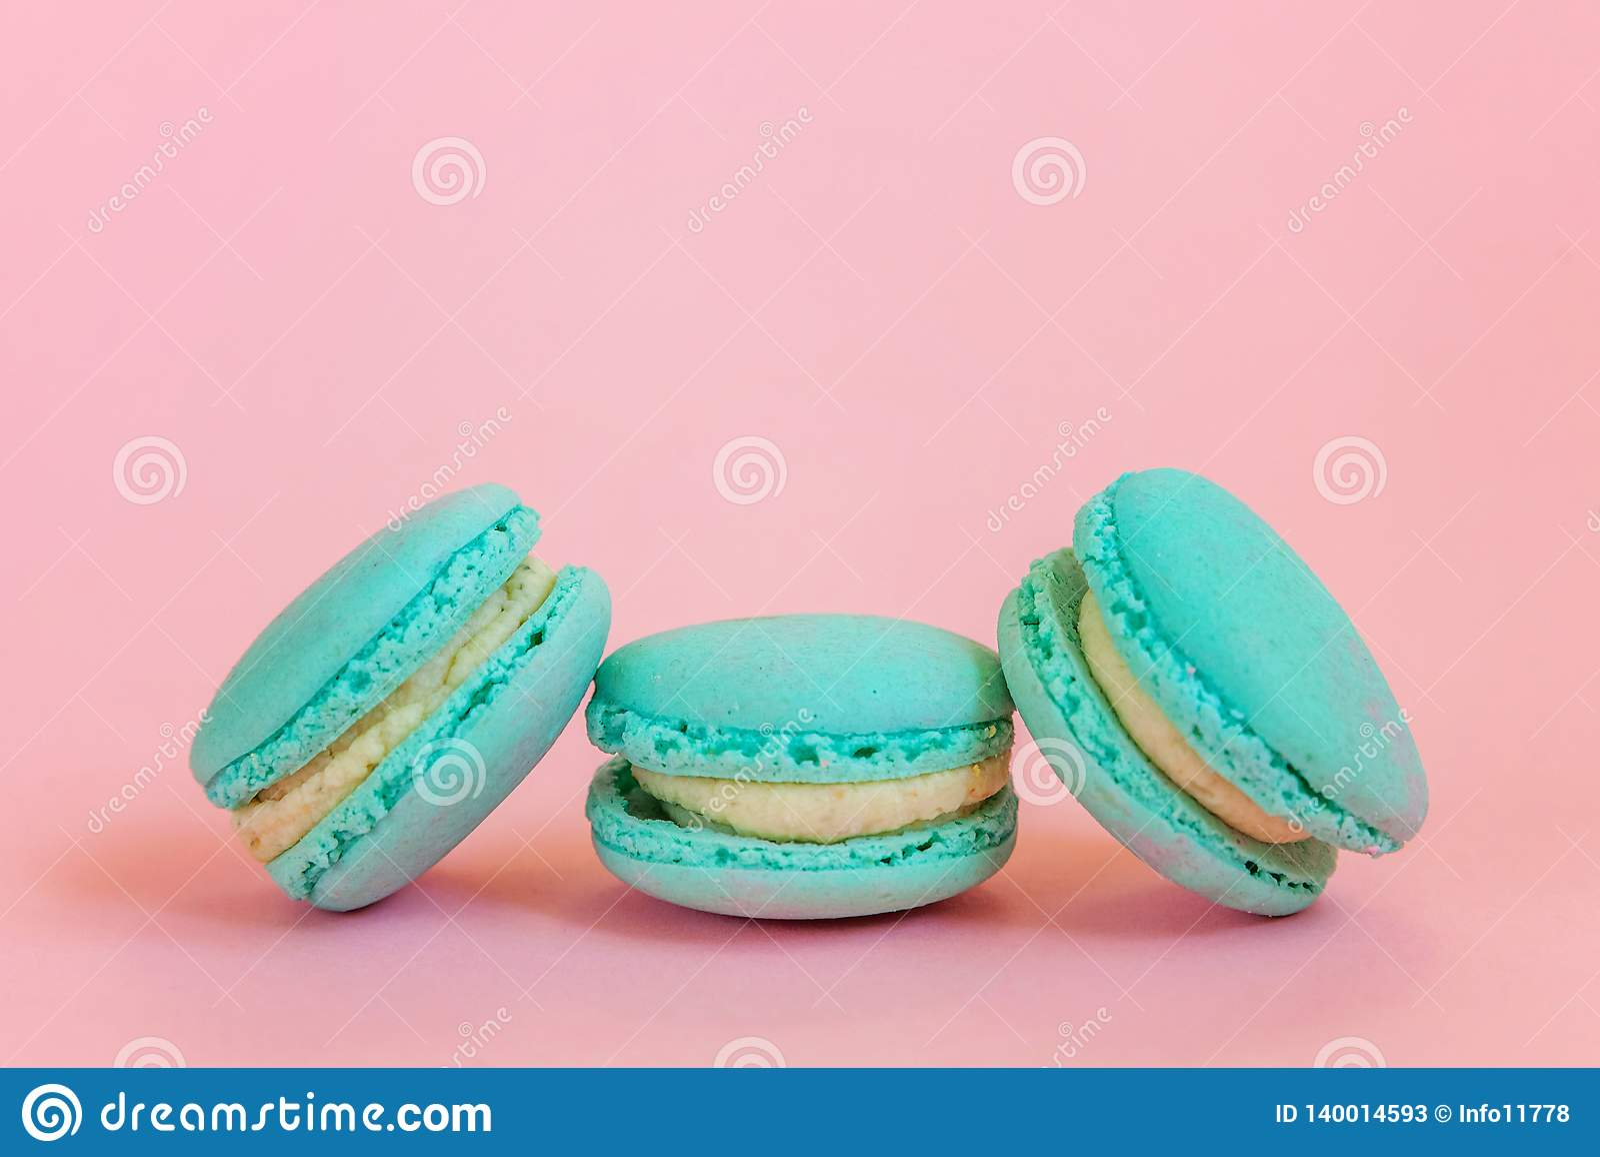 Blue Macaron On Pink Background Stock Image Image Of Cake Gift 140014593